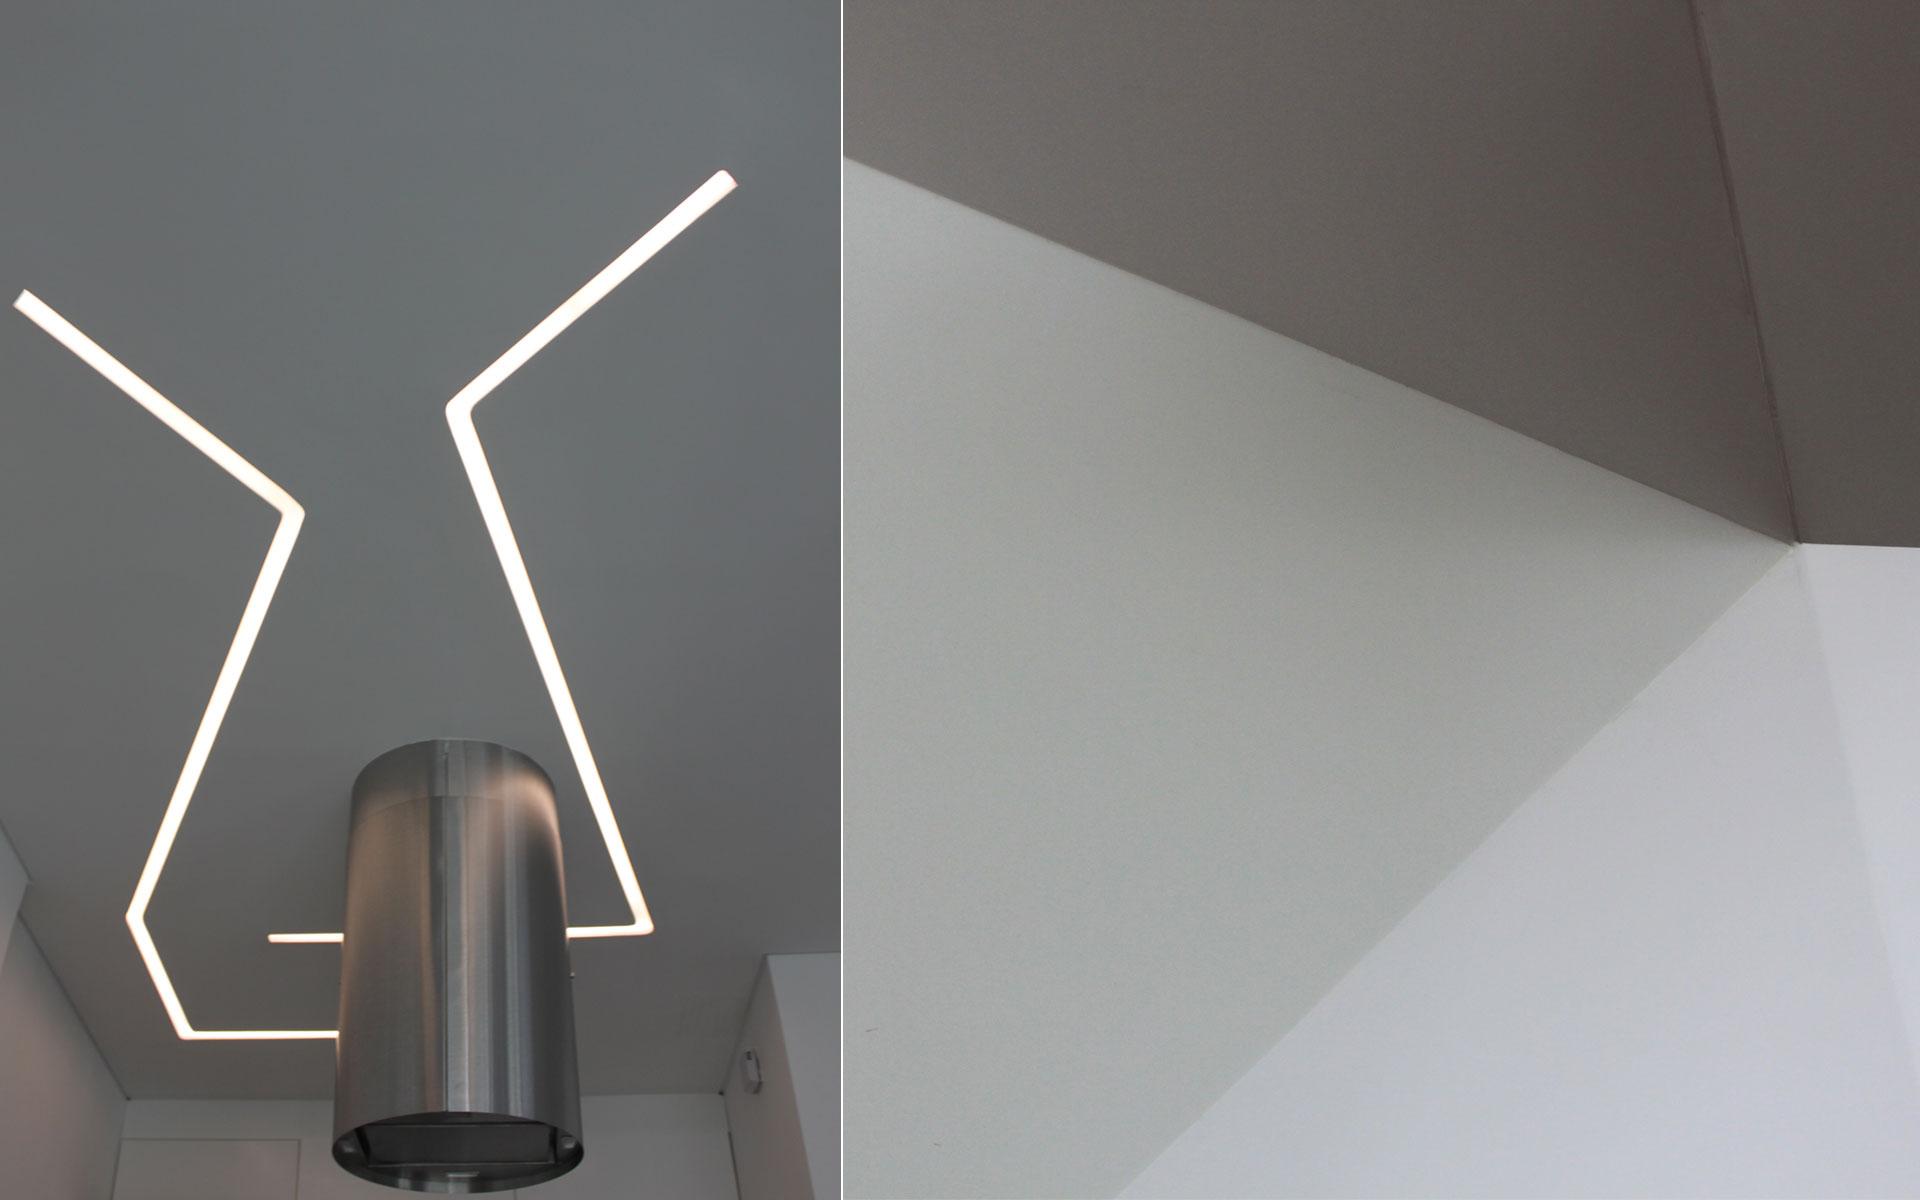 Diseño interior y reforma de ph, Detalles exclusivos en corian blanco plegado y luminarias diseñadas especificamente por el estudio de arquitectura NOA